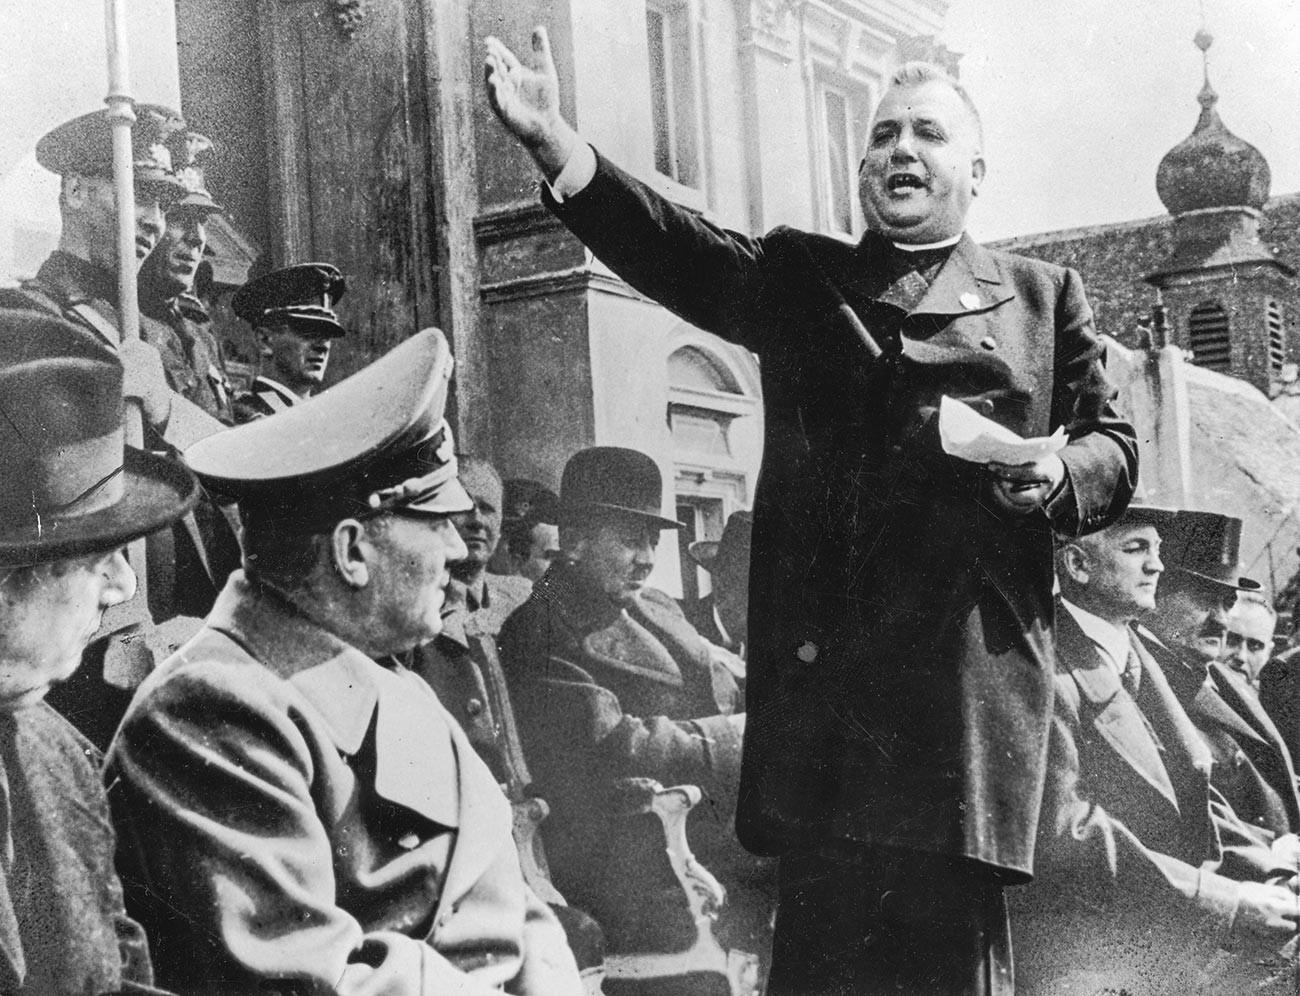 Словачки свештеник и политичар Јозеф Тисо (1887-1947) поздравља нацисте у независној Словачкој, 1939.